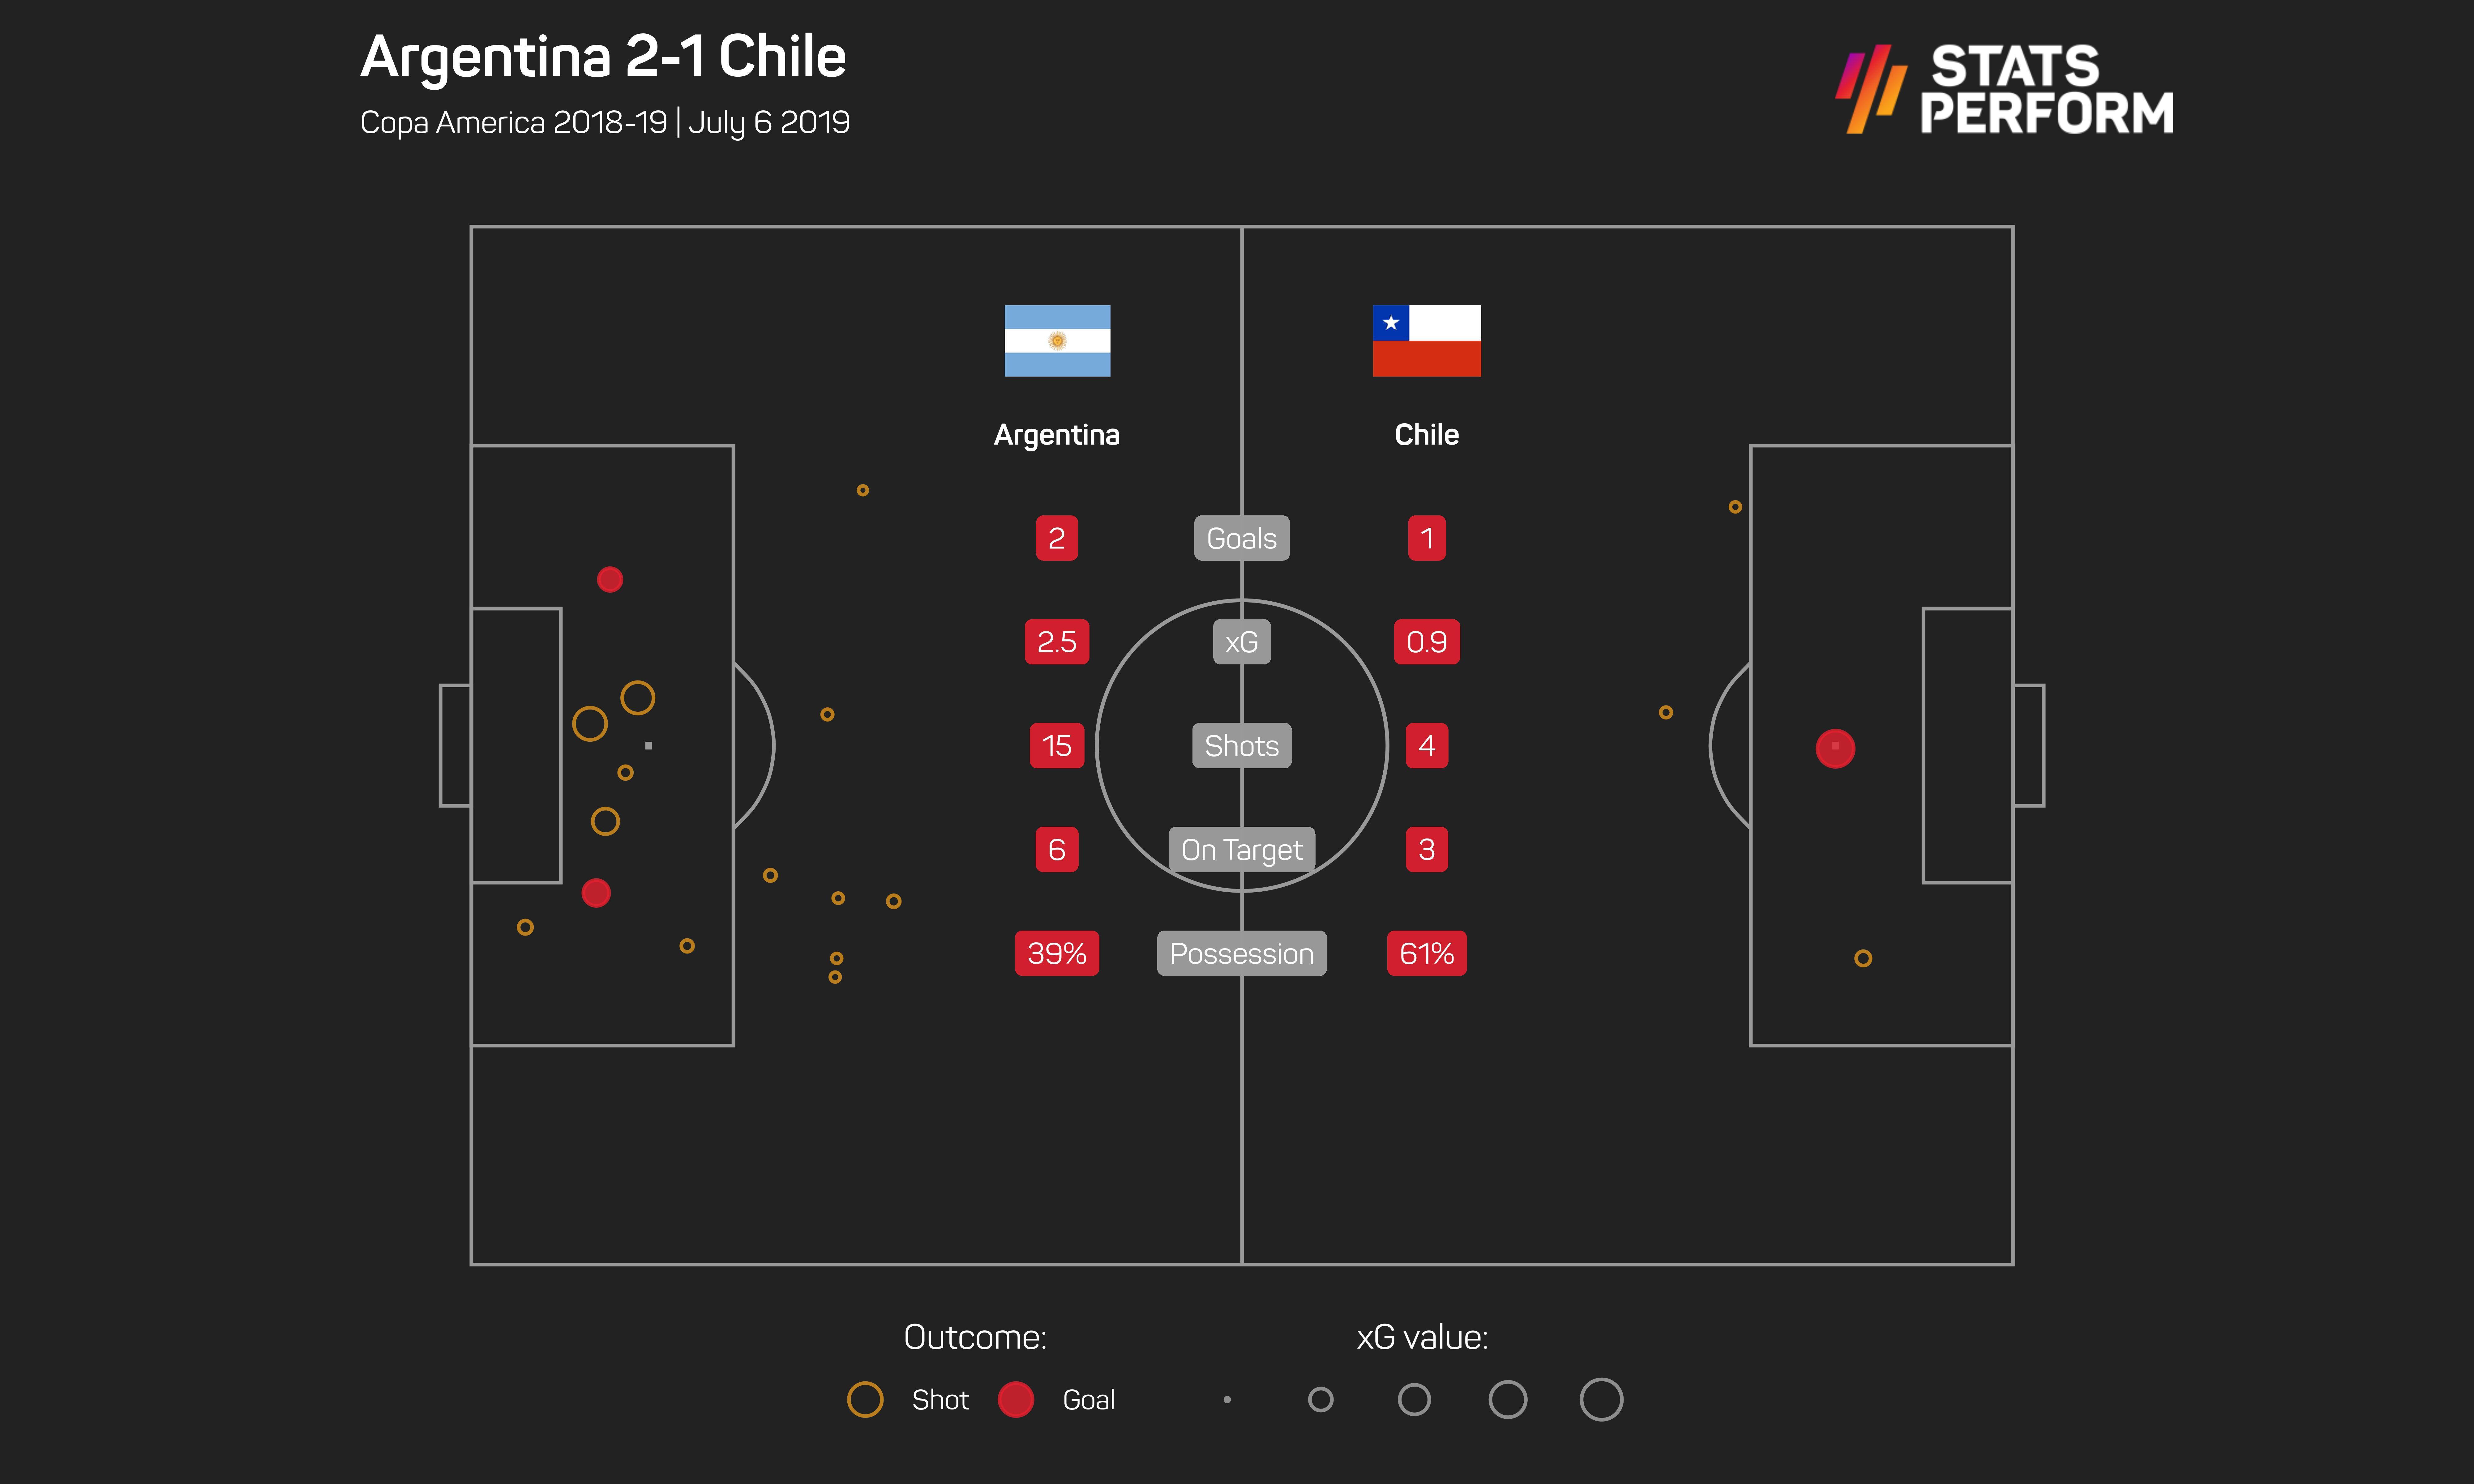 Argentina 2-1 Chile, Copa America 2019